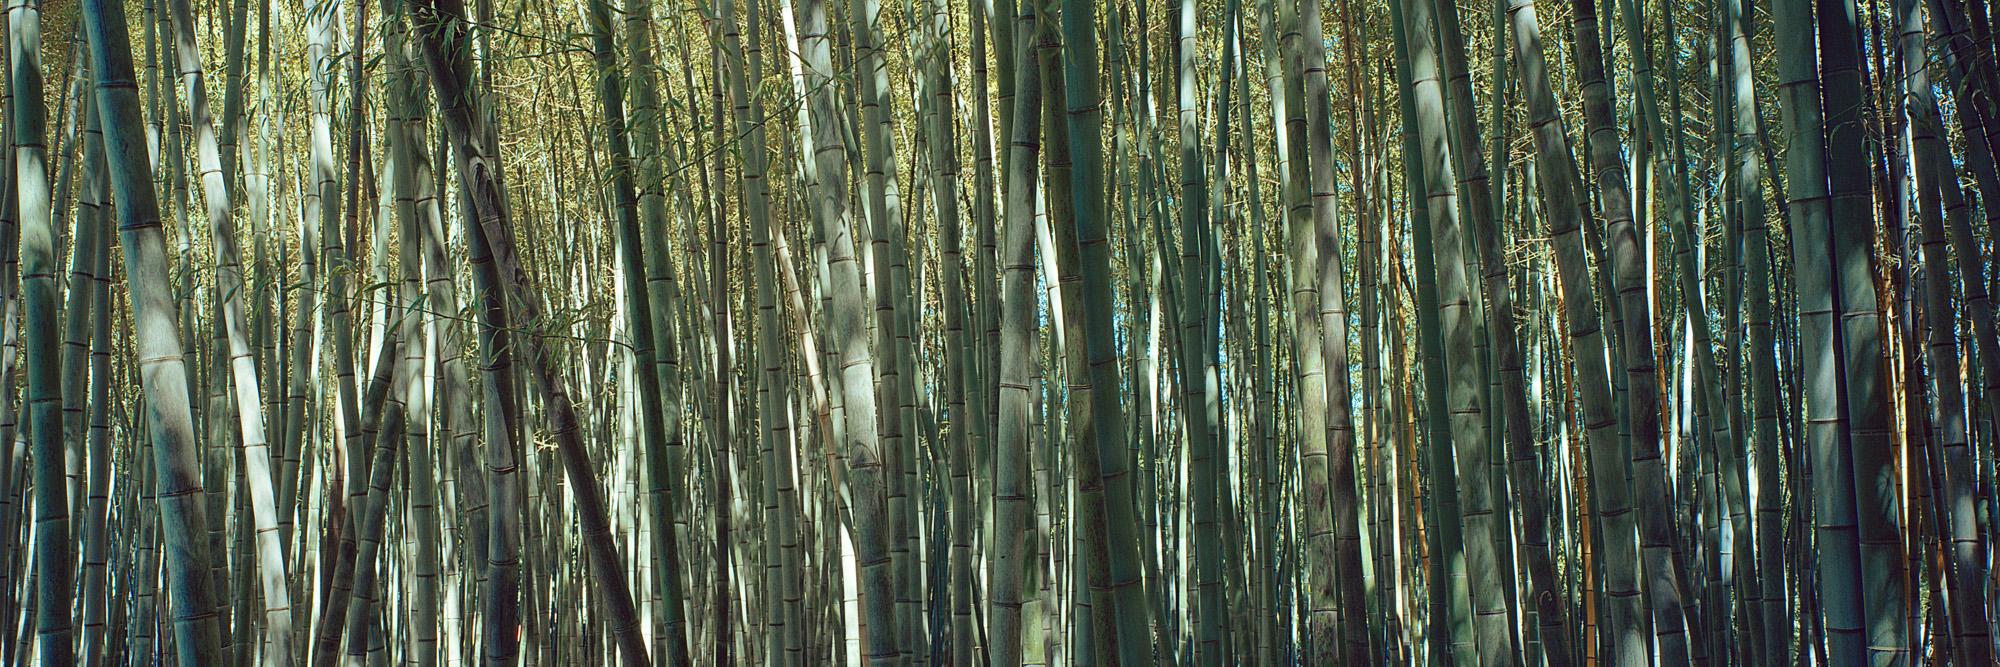 Bambus, Pflanze, Natur, Struktur, Gewächs, Wachstum, Leben, Grün, Holz, Blätter, Blatt, Makro, Wald, Fotografie, Photographie, Photography, Fine Art, Kunst, Grossformat, Grossformatfotografie, Grossformatphotographie, large format photography, 6x17